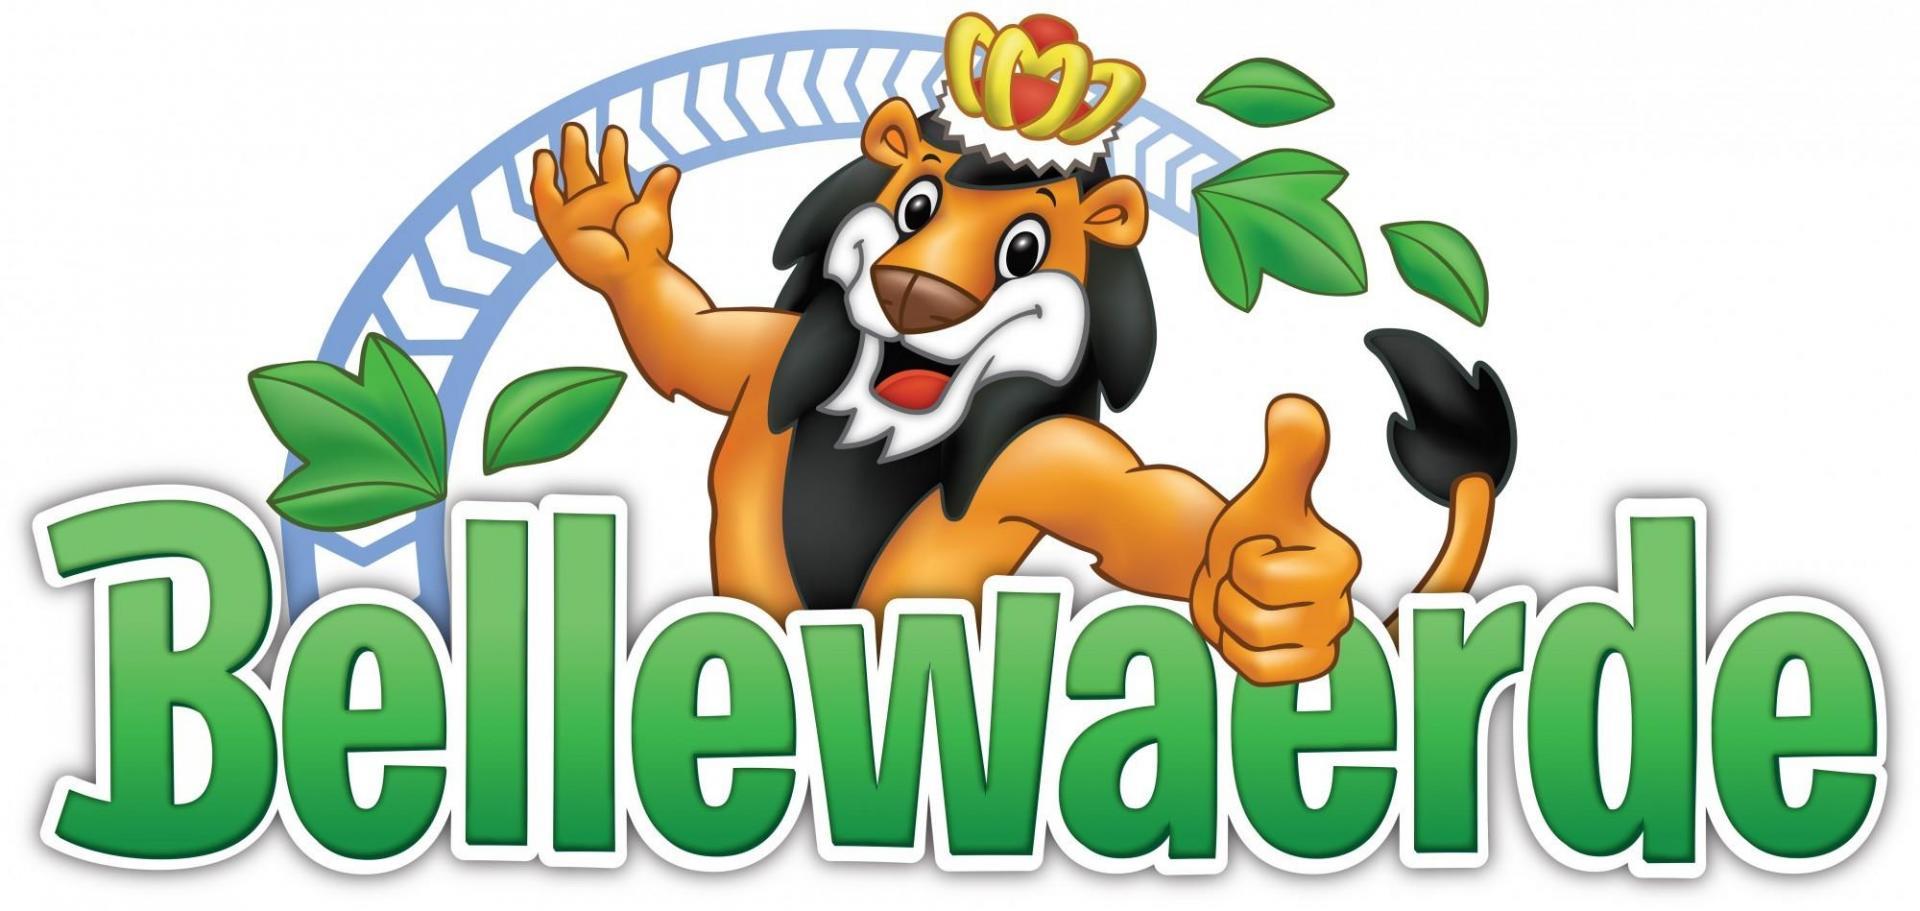 Logobw2014 0 0